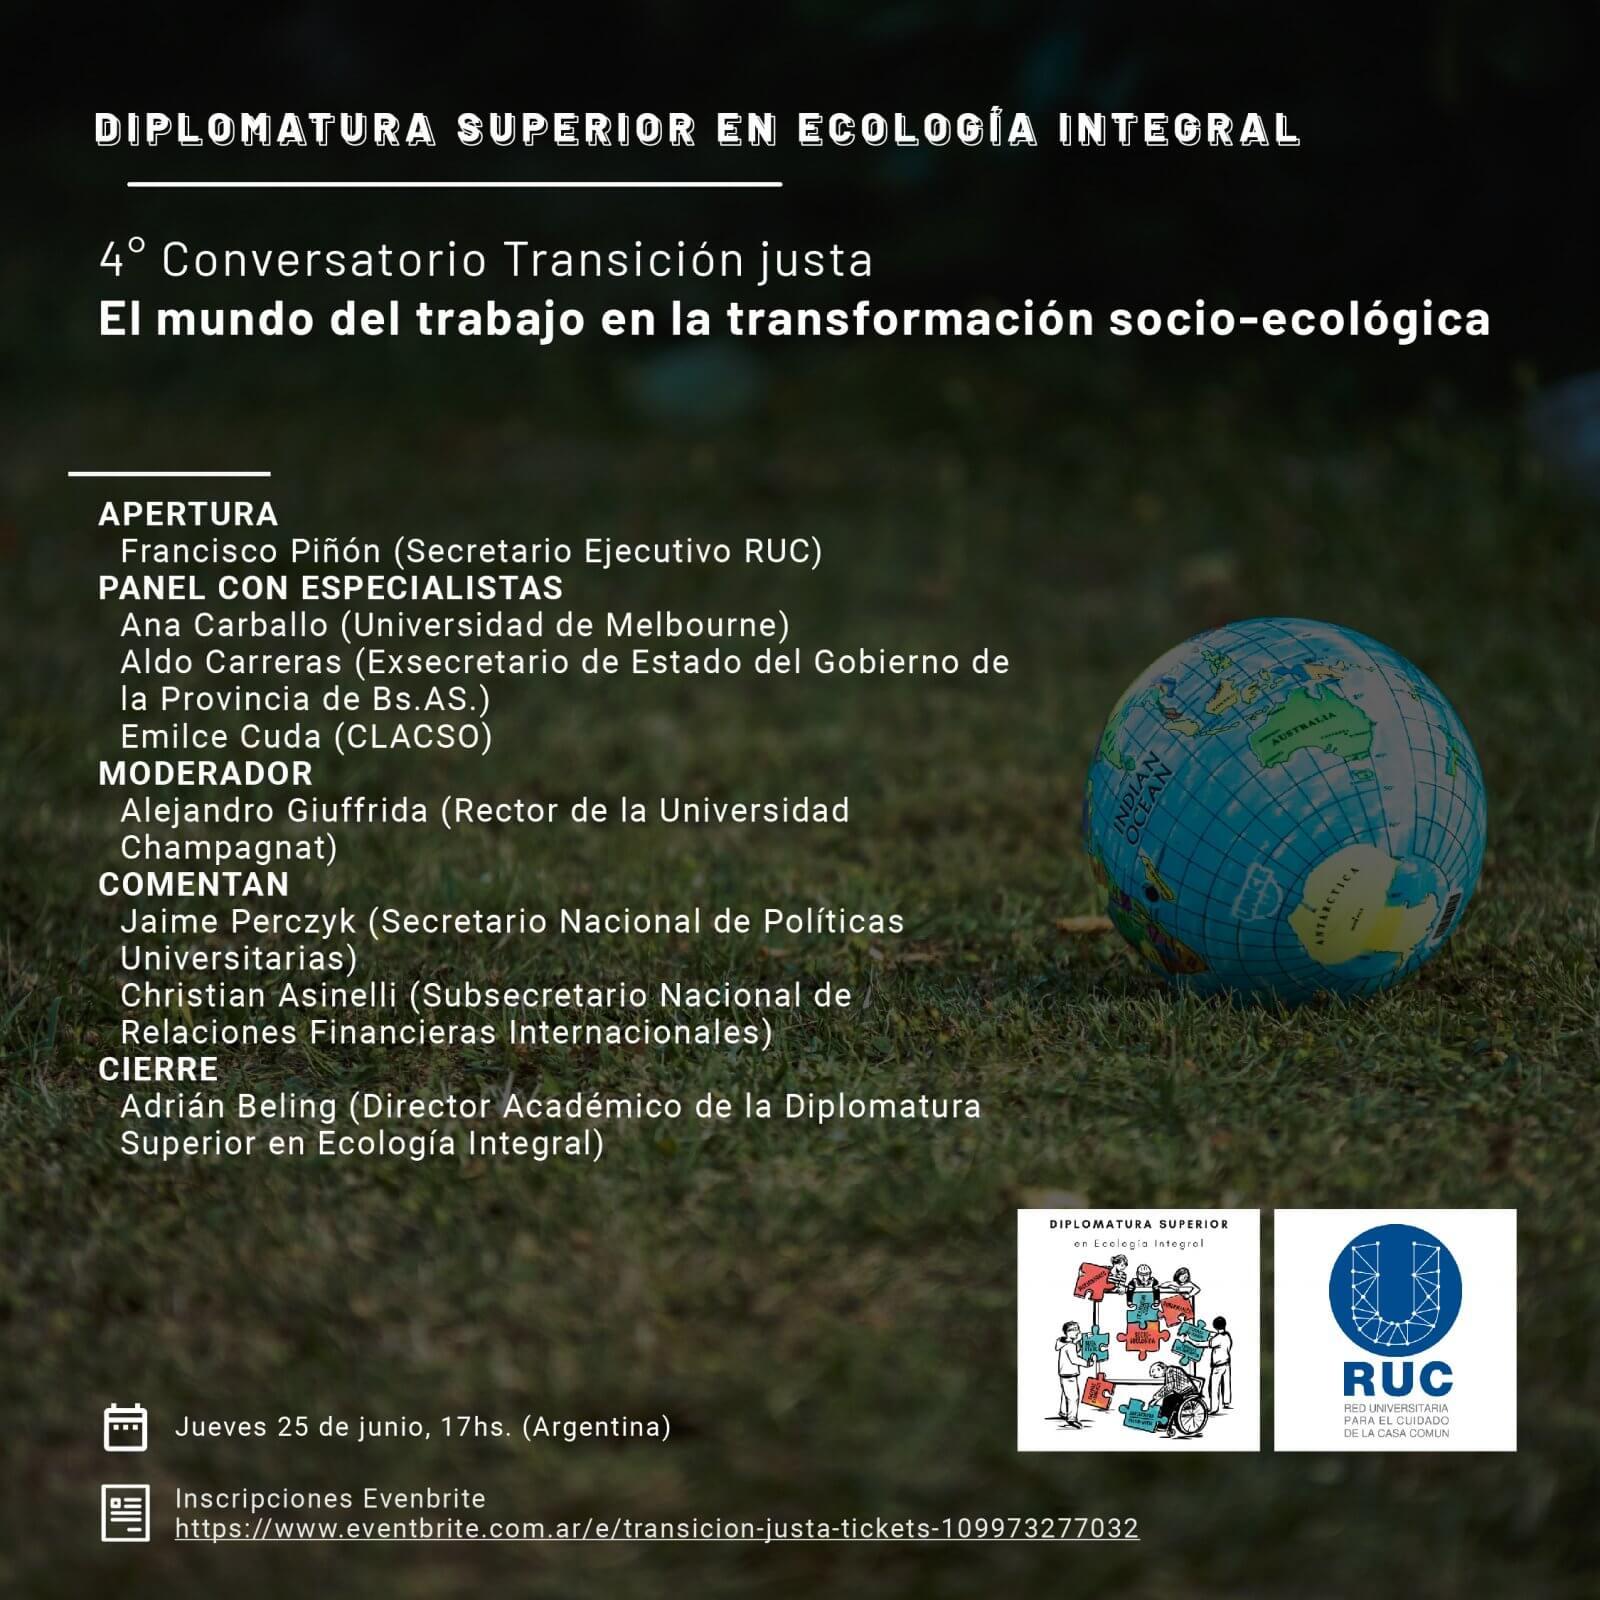 Transición justa: el mundo del trabajo en la transformación socio-ecológica